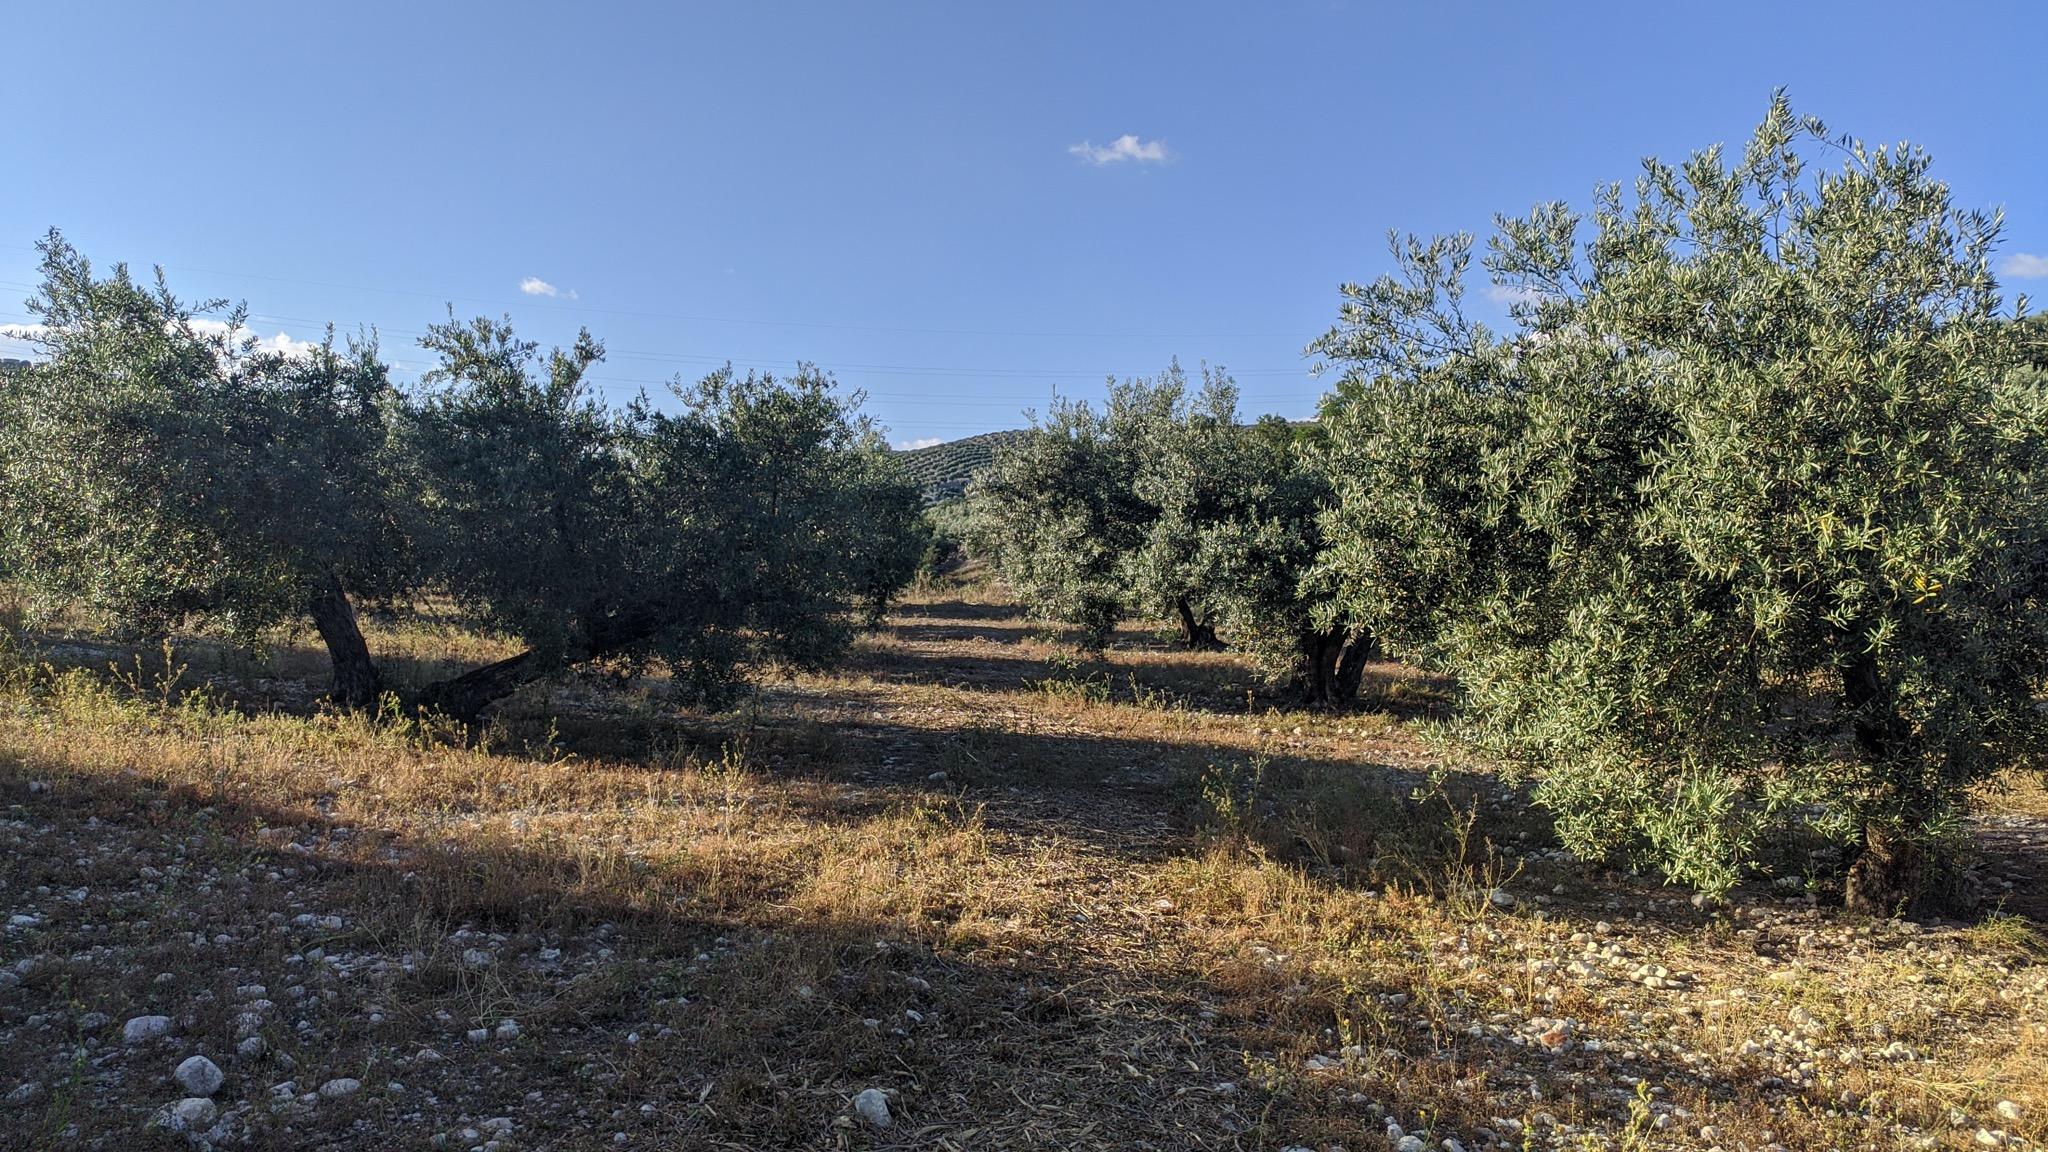 imagen 1 de Finca olivar Valderrubio